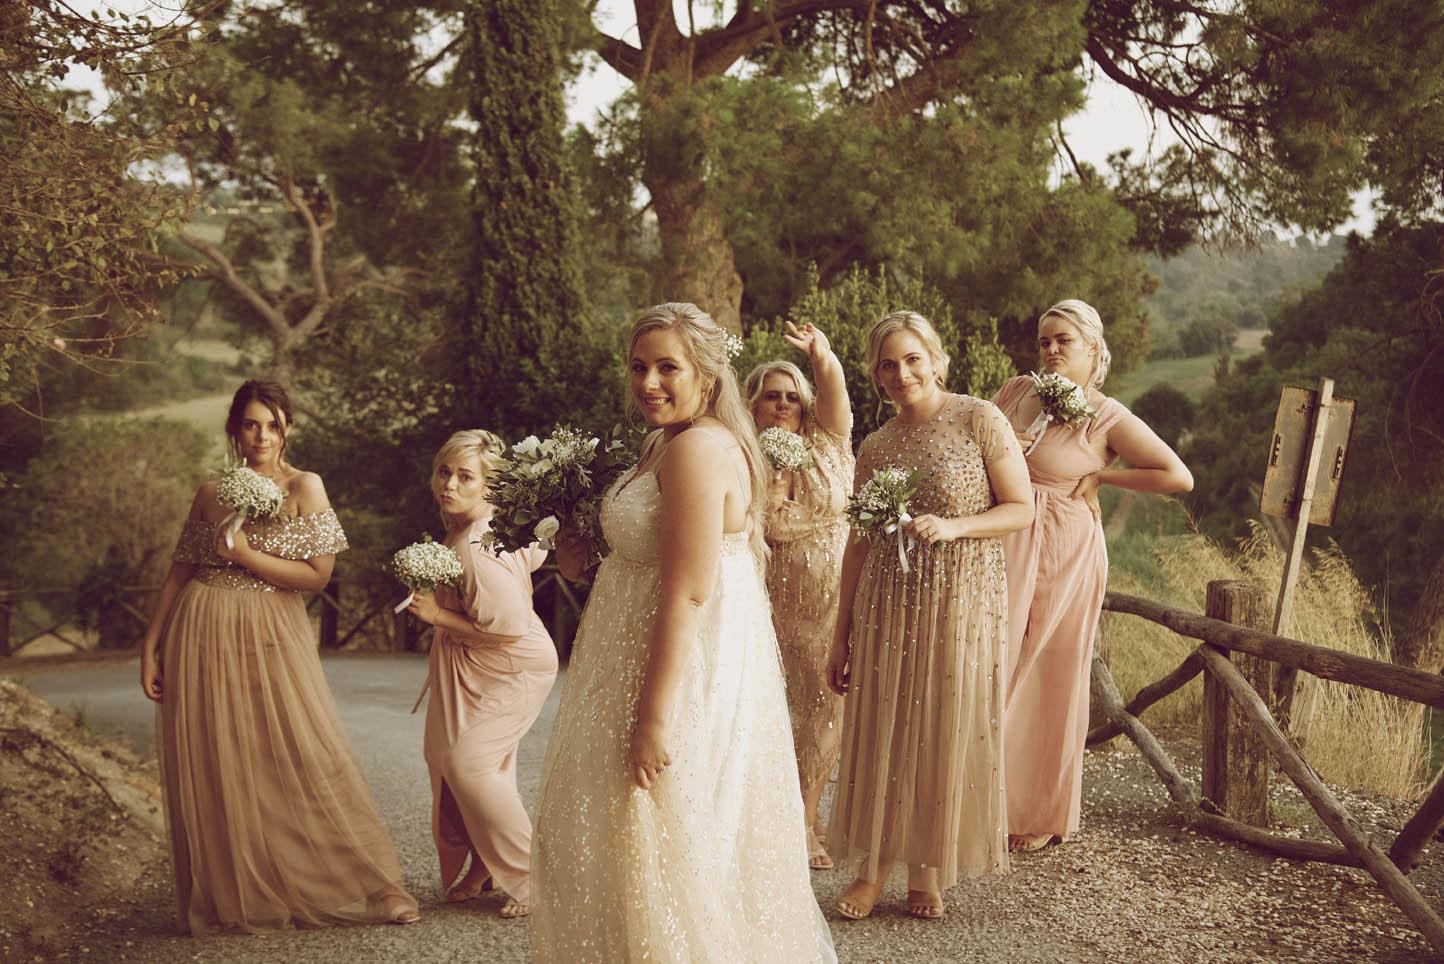 56 - Matrimonio a Roma - Manuel e Carlie - Fabrizio Musolino Fotografo Reportage.jpg